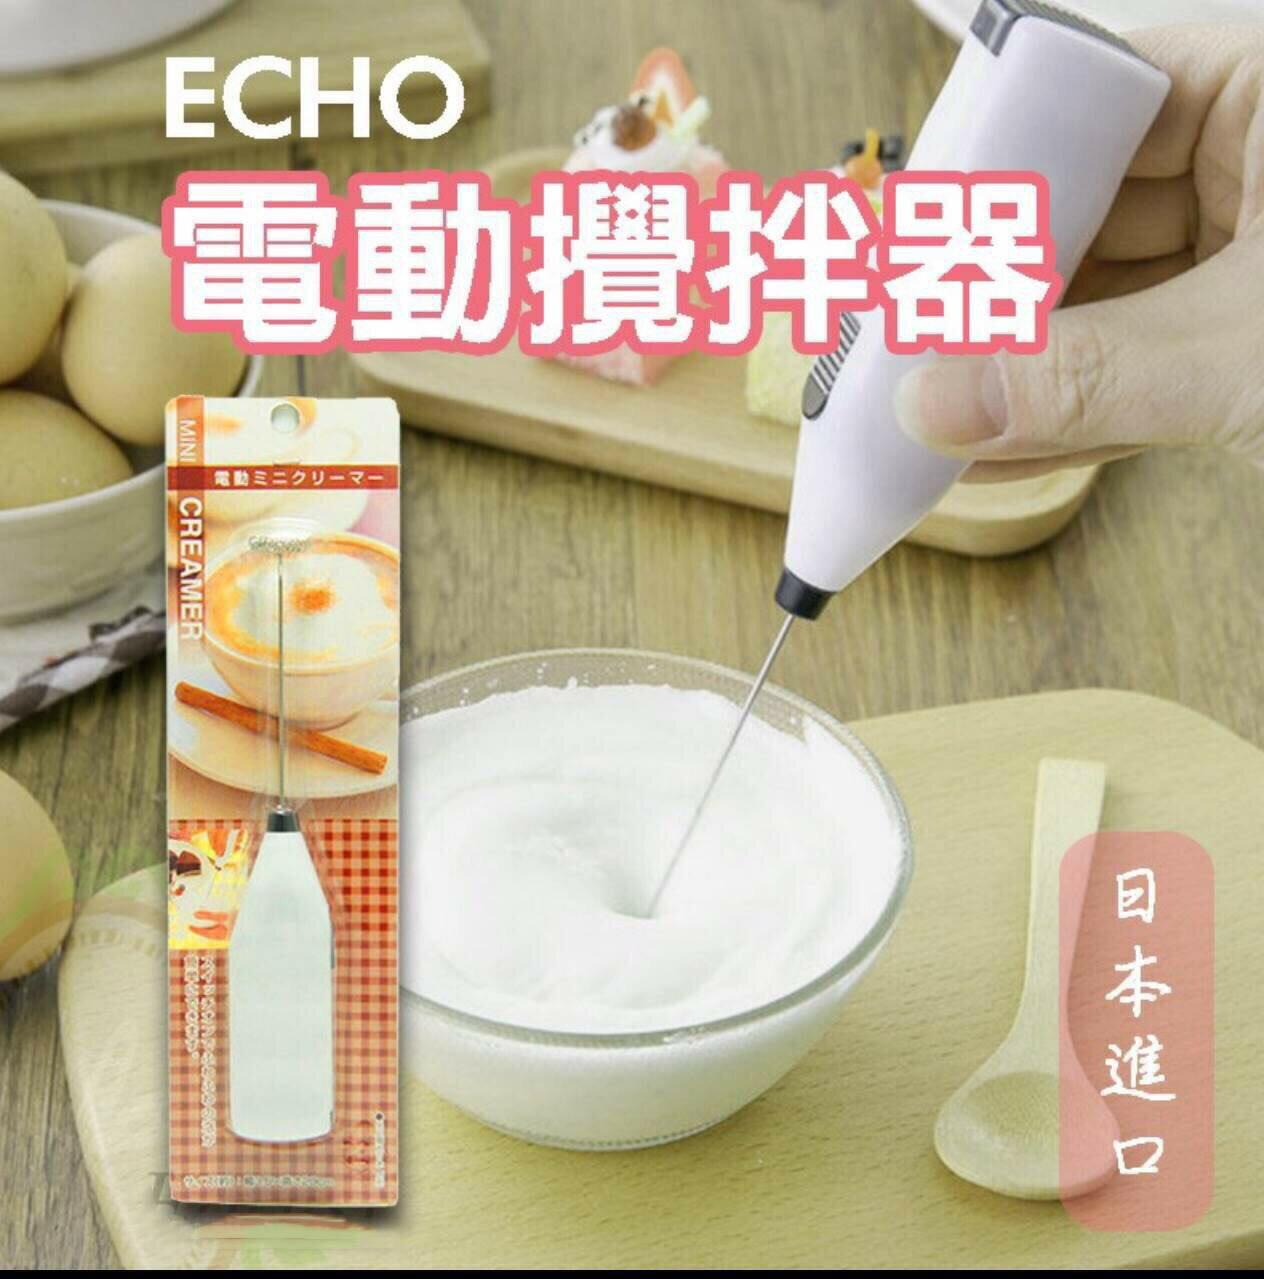 【晨光】日本 ECHO 手持電動攪拌棒/打蛋器(130631)【現貨】